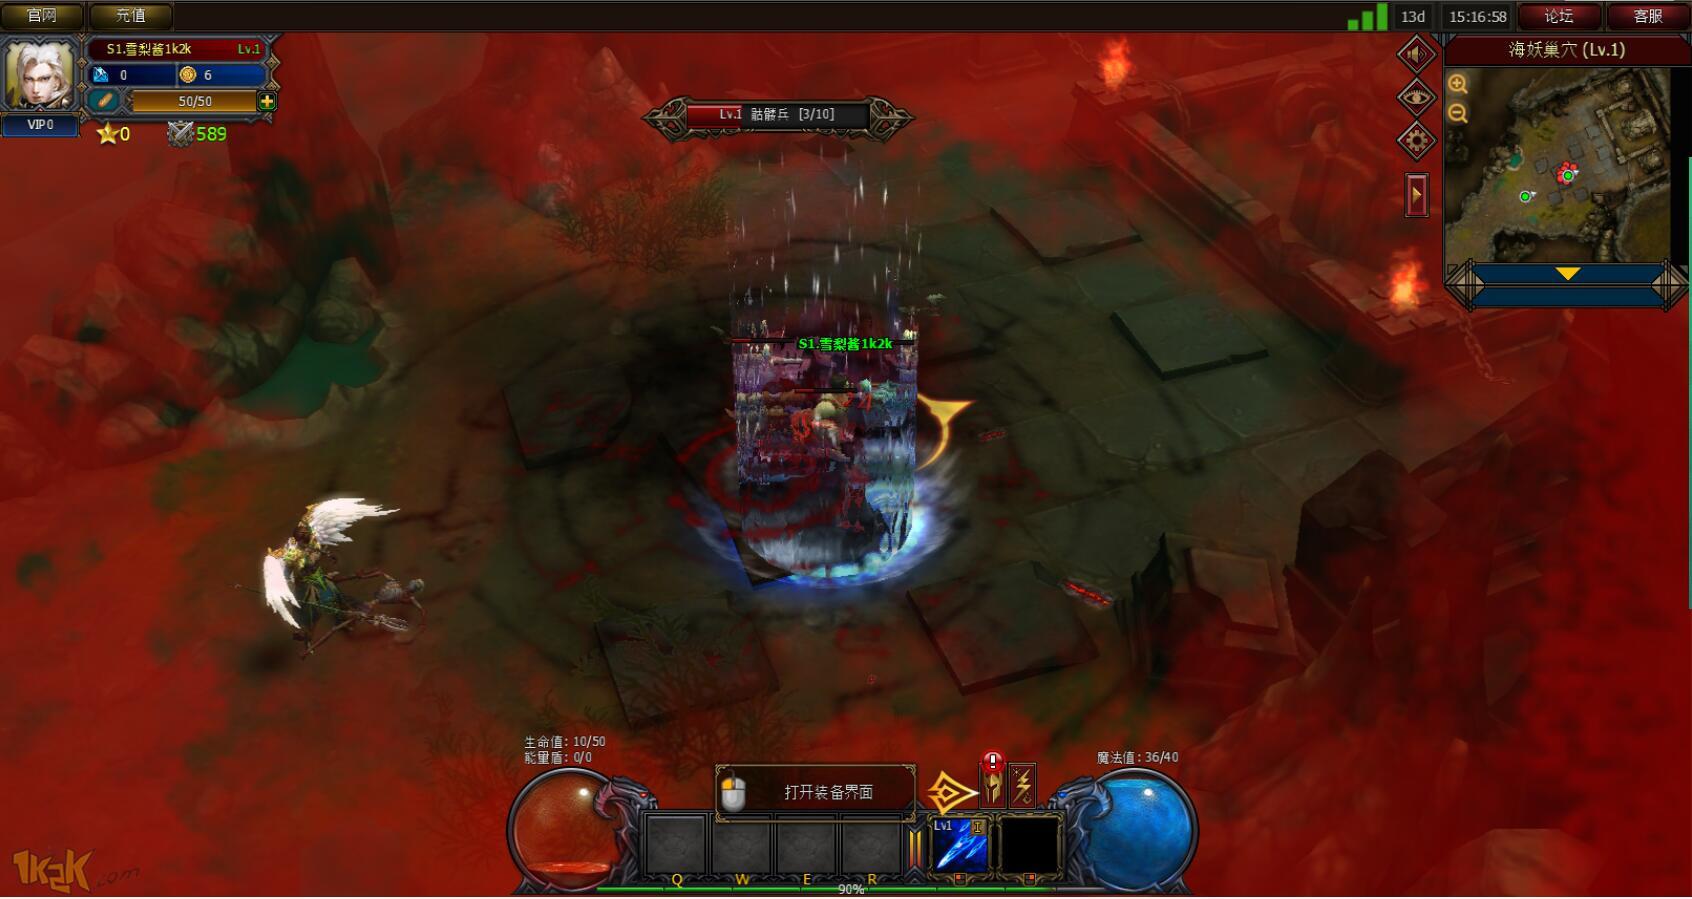 圣剑神域3D游戏截图2